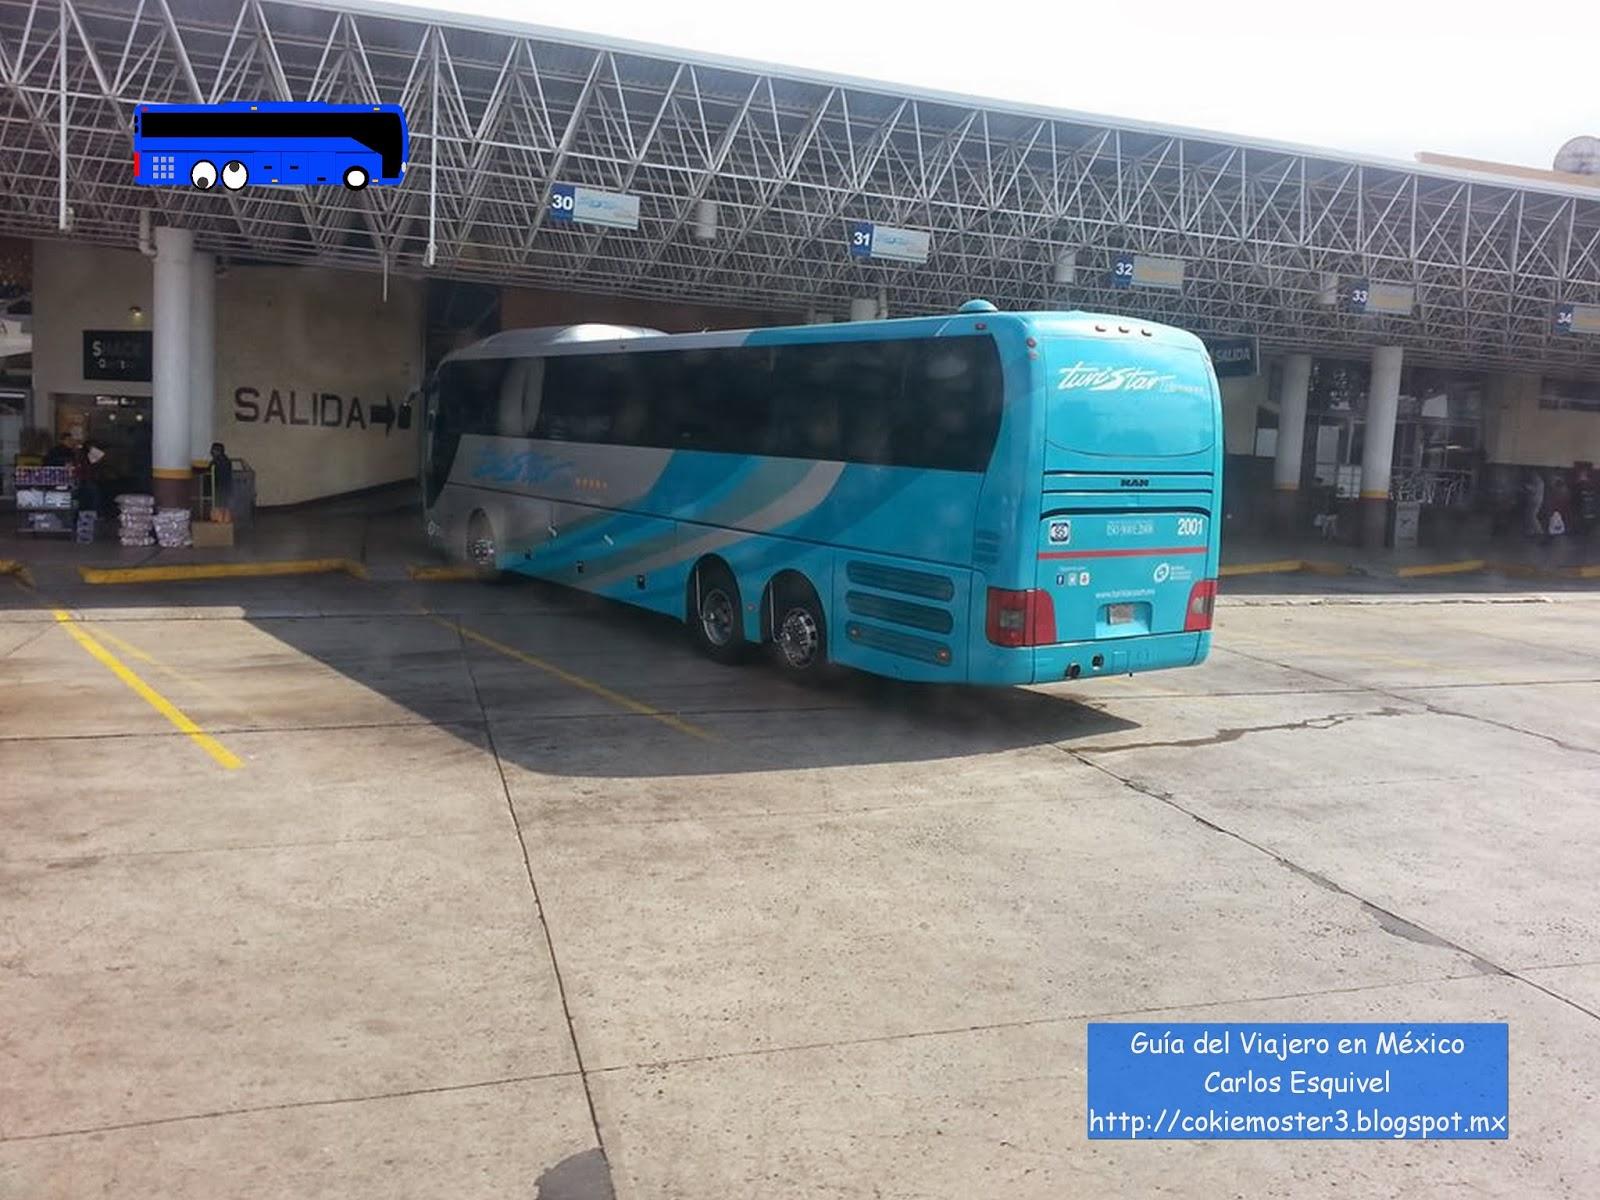 Gu a del viajero en m xico turistar lujo reestrena los - Autobuses larga distancia ...